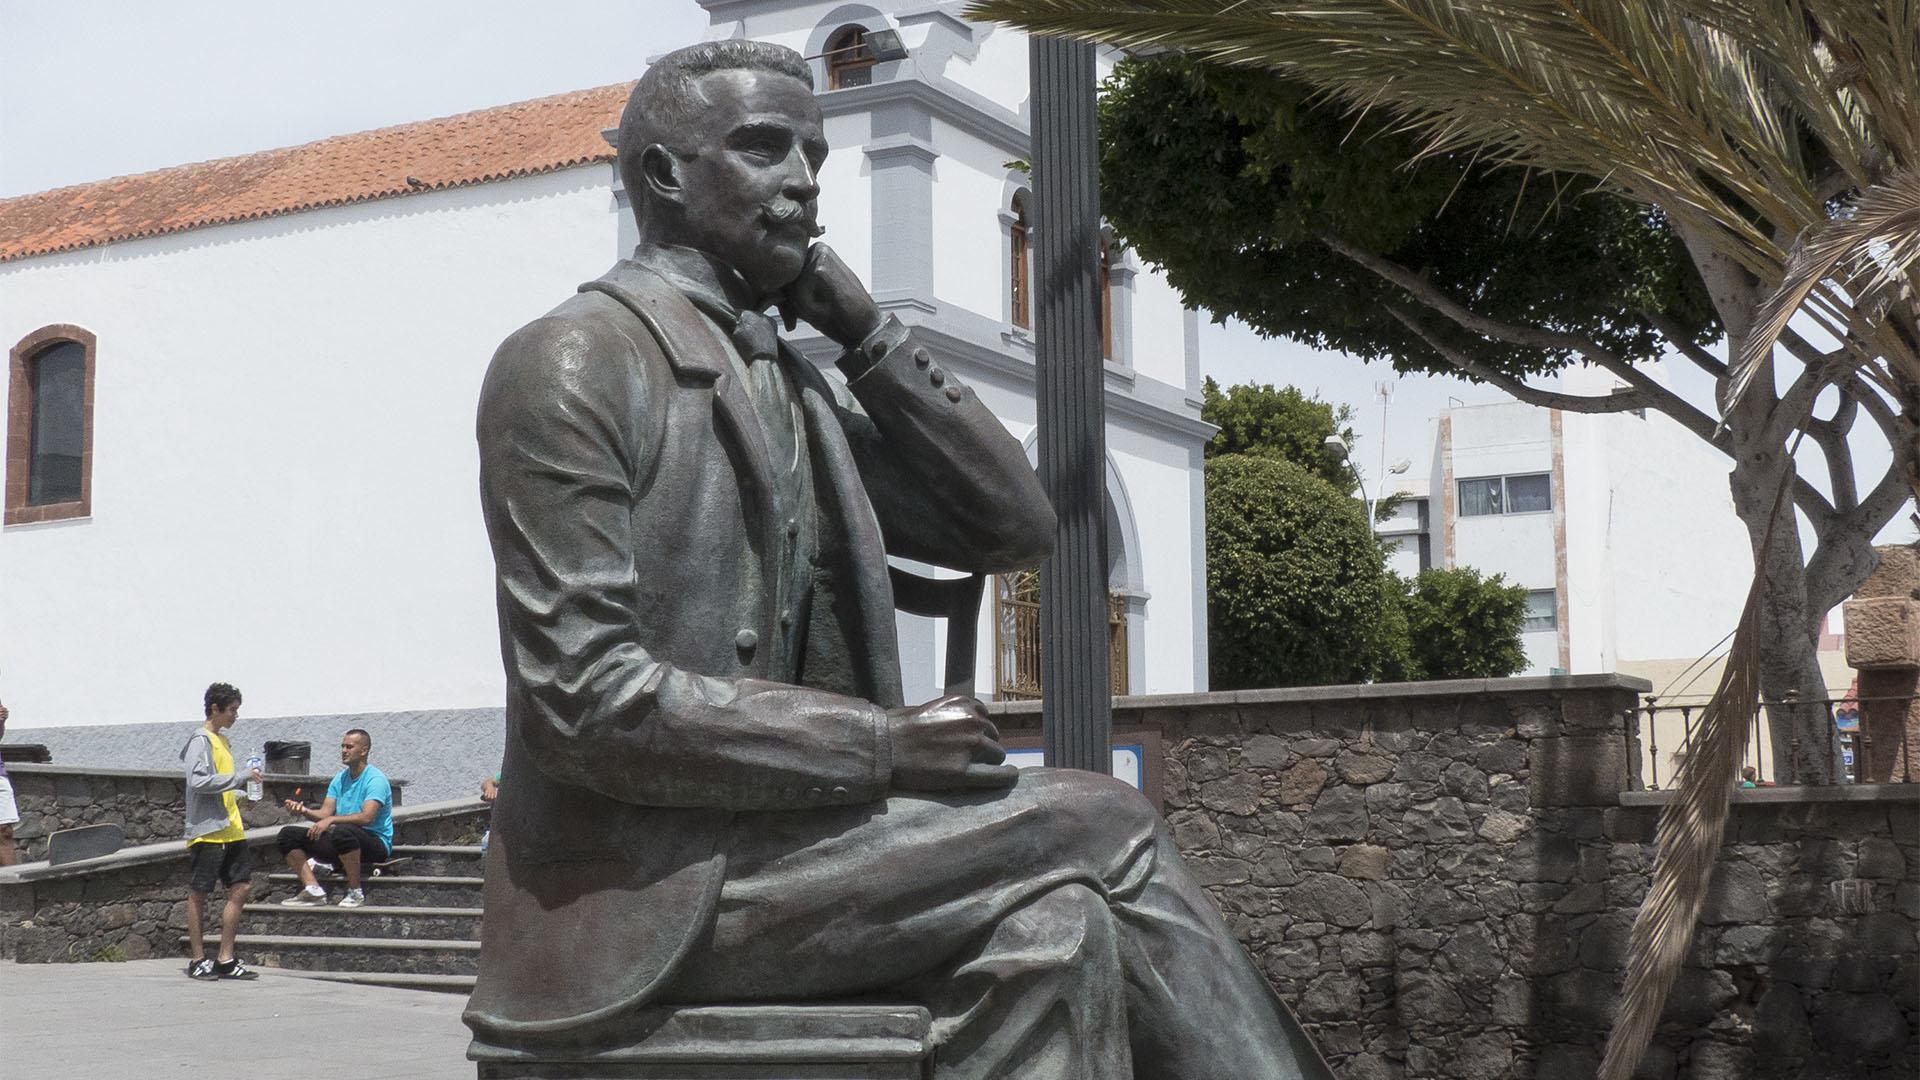 Manuel Velázquez Cabrera Statue in Puerto del Rosario Fuerteventura.